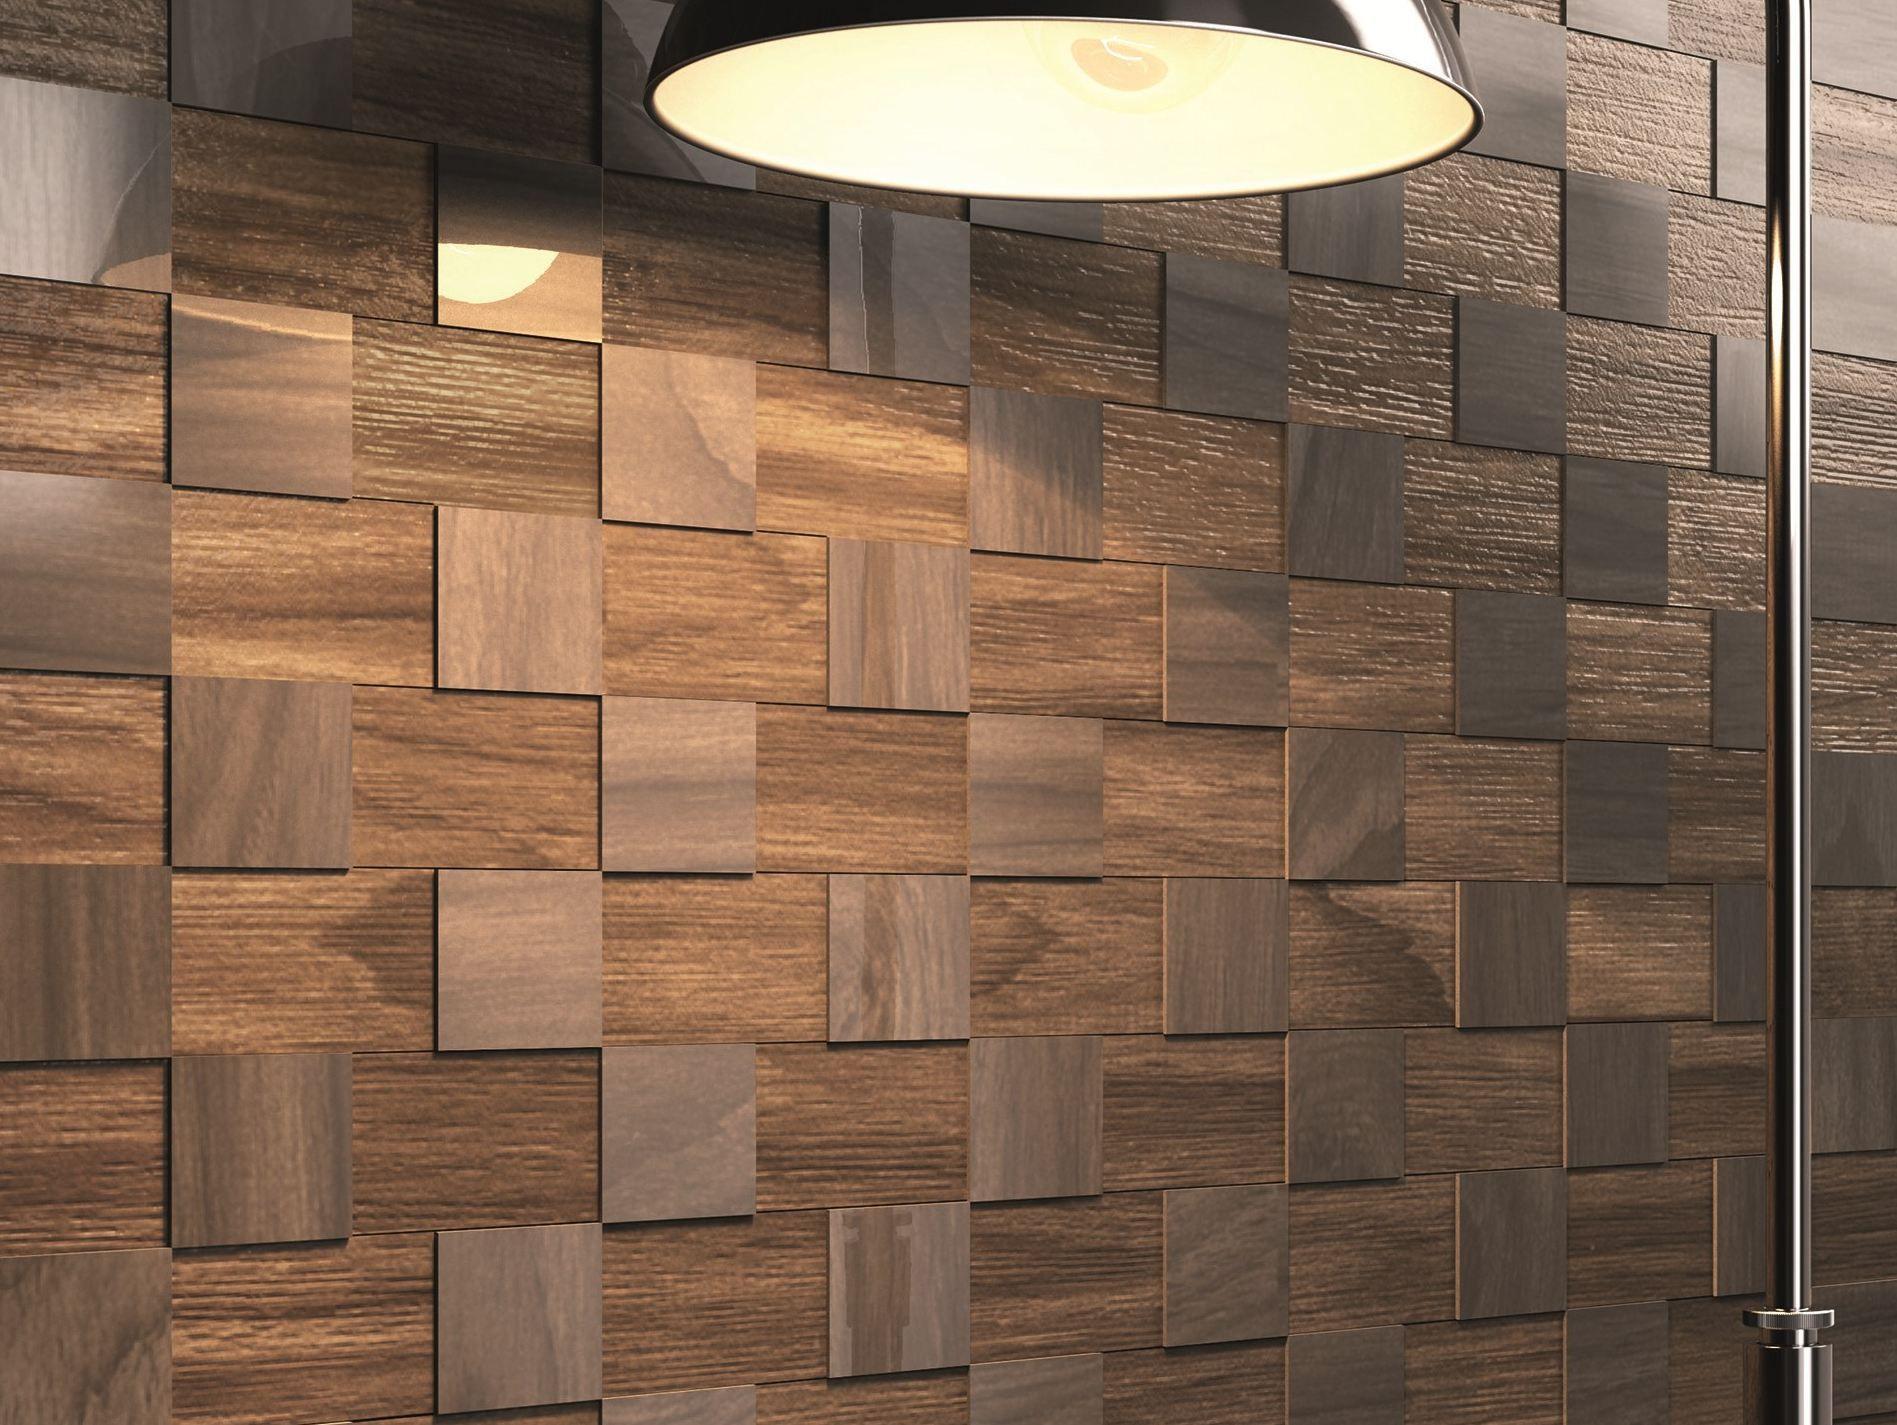 Wood Wall Covering Ideas Wood Panel Walls Cheap Interior Wall